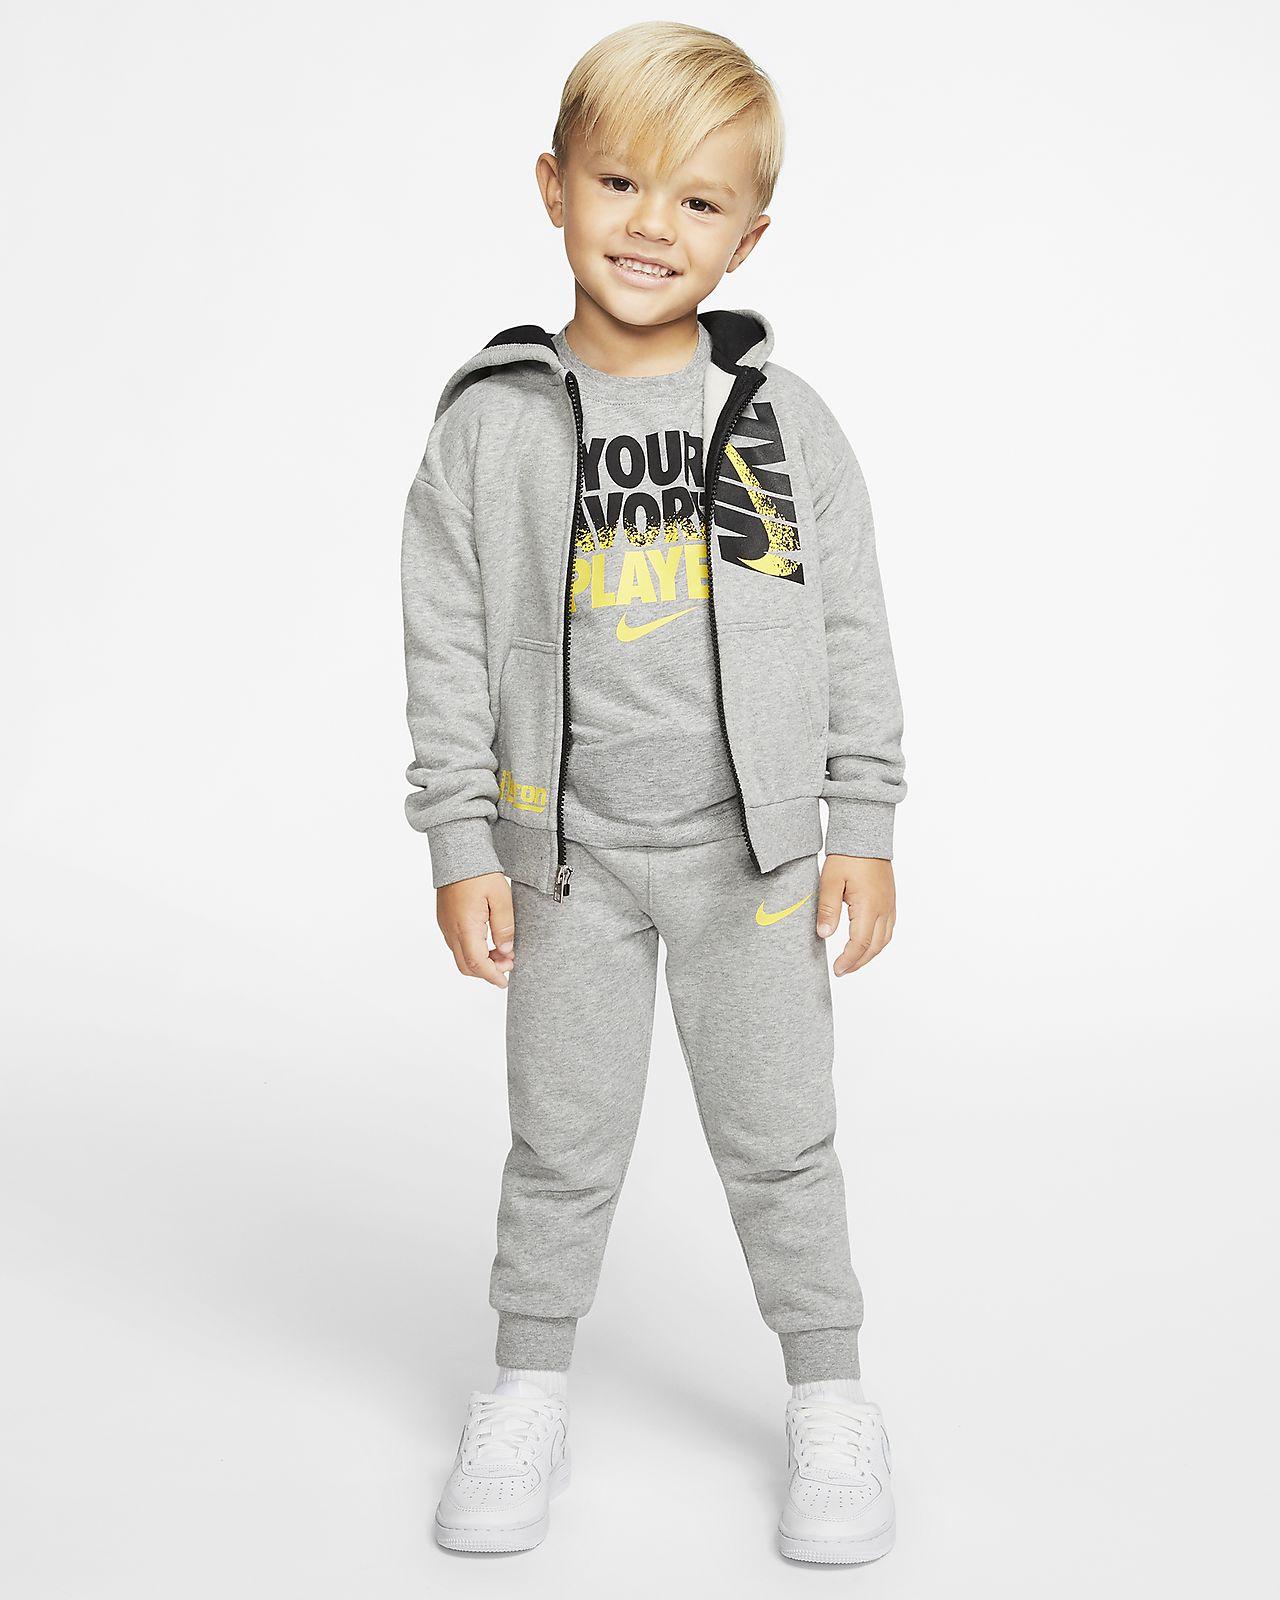 Σετ μπλούζα με κουκούλα και παντελόνι φόρμας LeBron για βρέφη (12-24M)